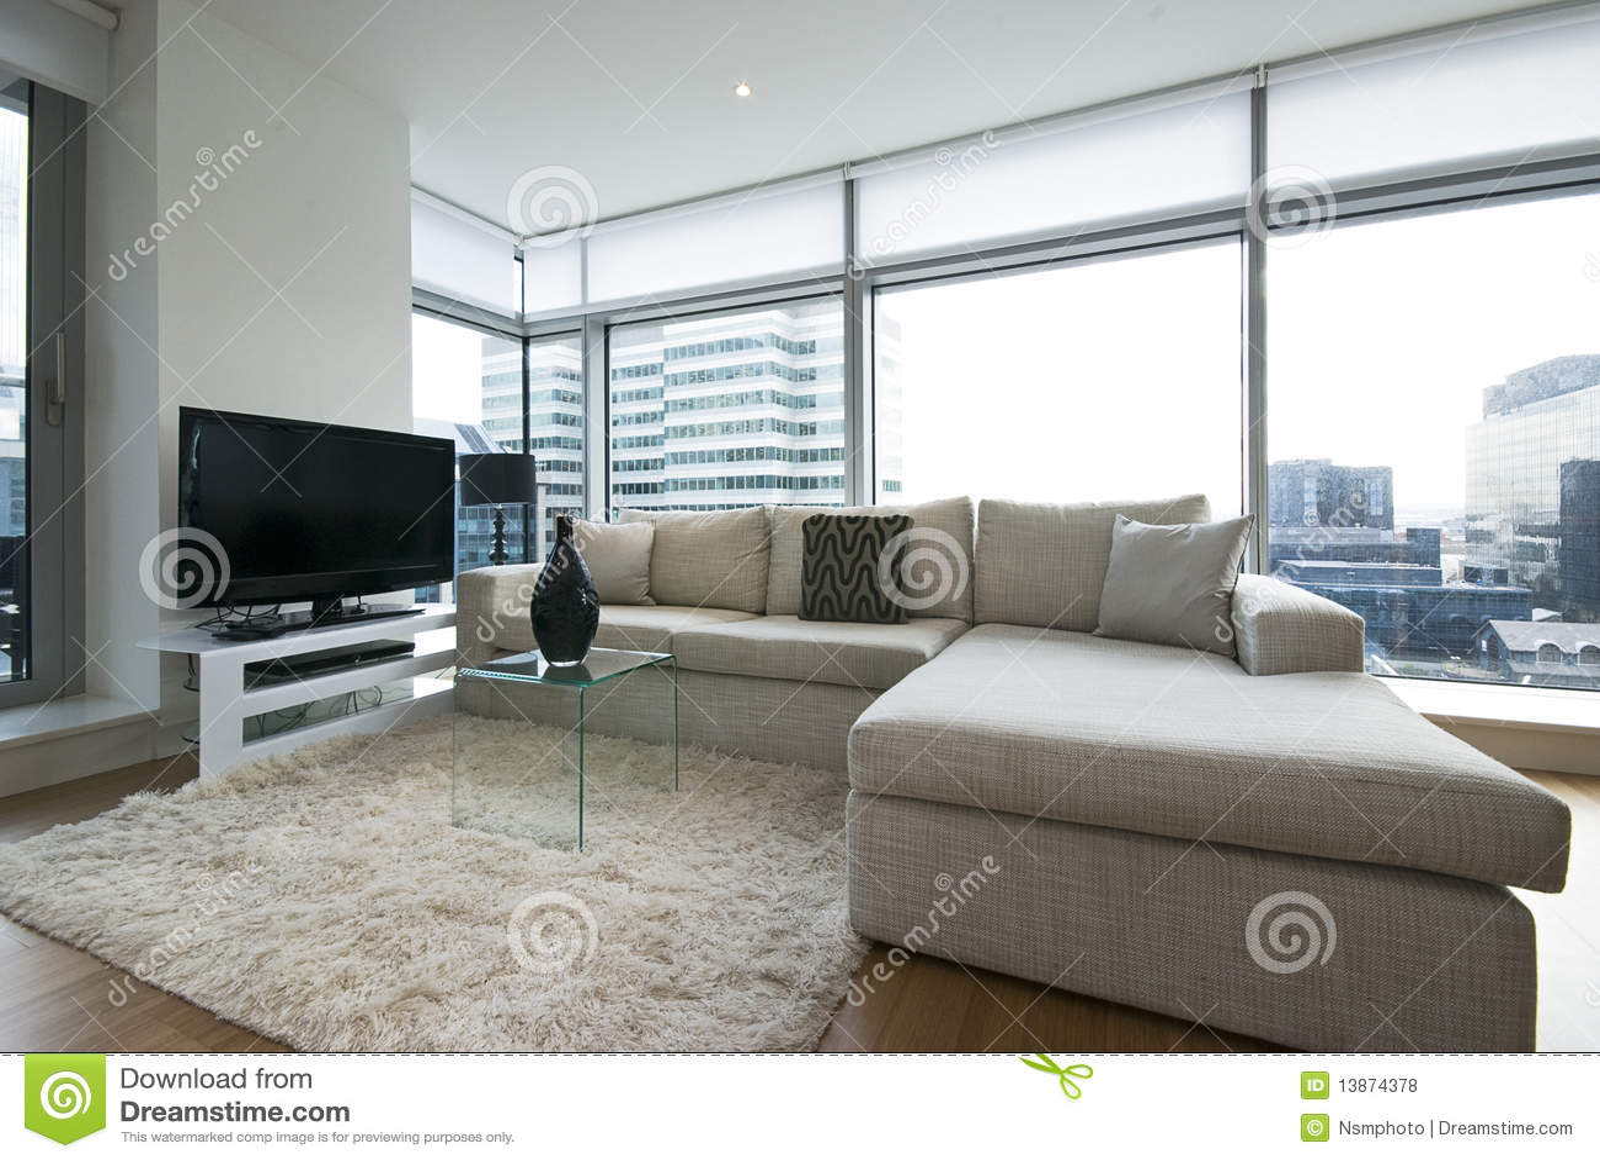 Sala de estar contempor nea con muebles del dise ador for Muebles salas contemporaneas